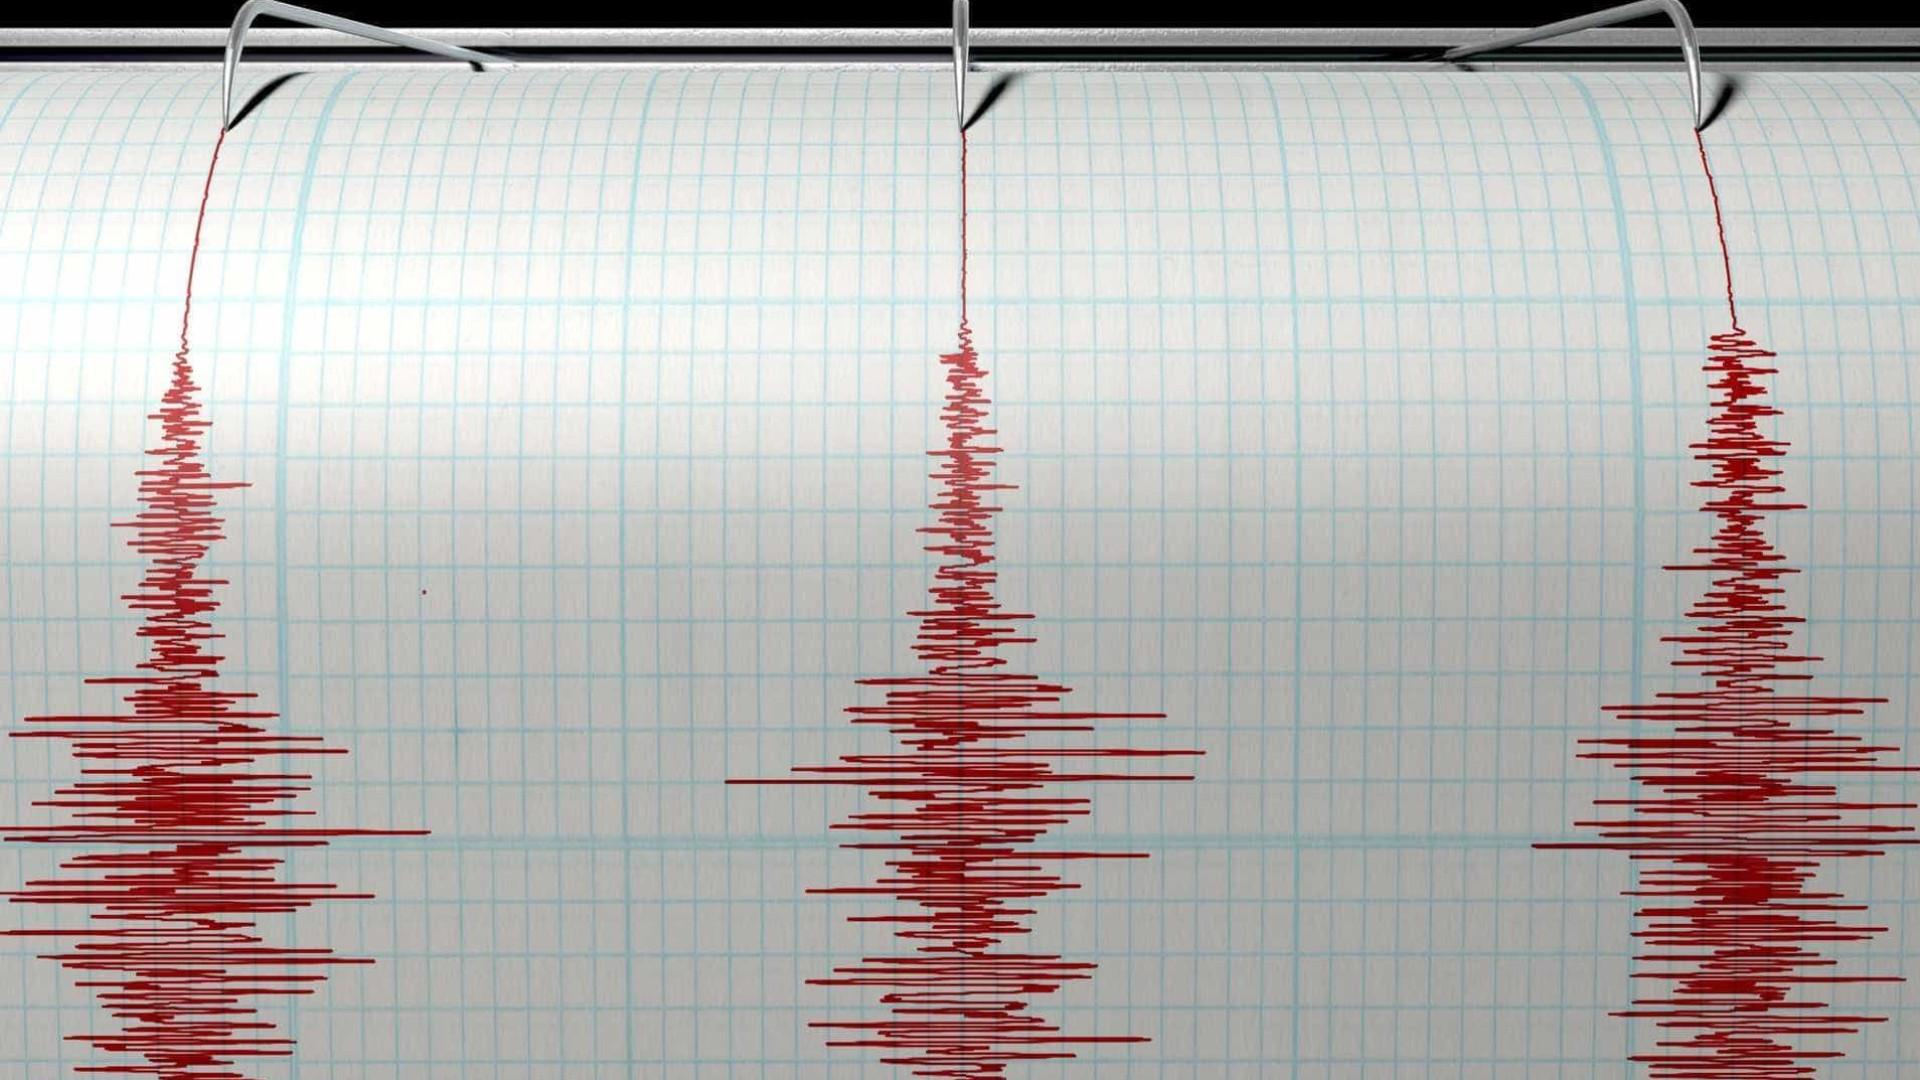 Atividade sísmica em São Miguel ainda acima dos valores de referência